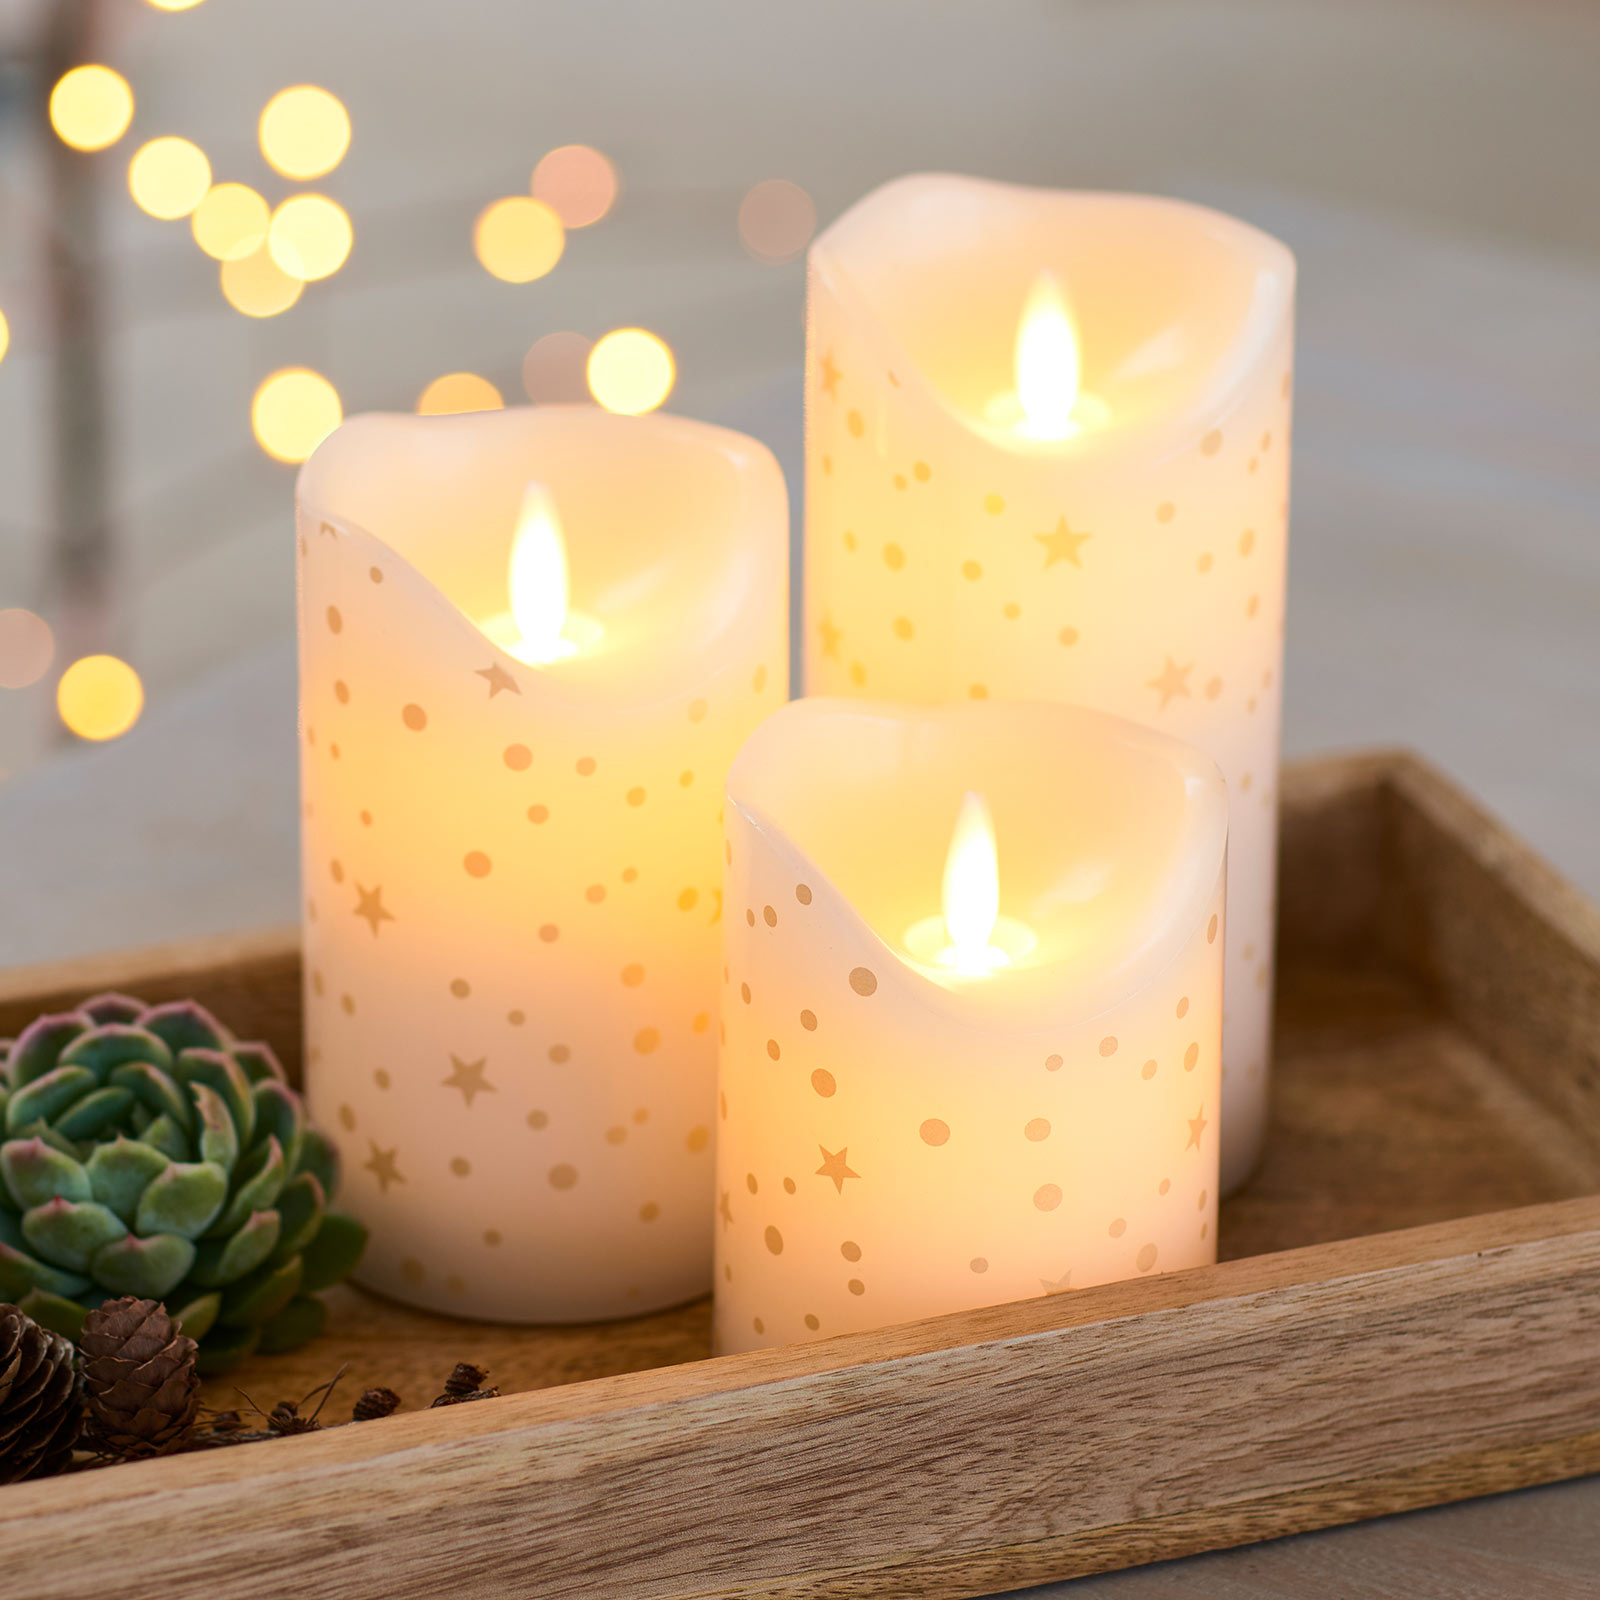 LED-kynttilä Sara 3kpl valkoinen/kulta K 10-15 cm